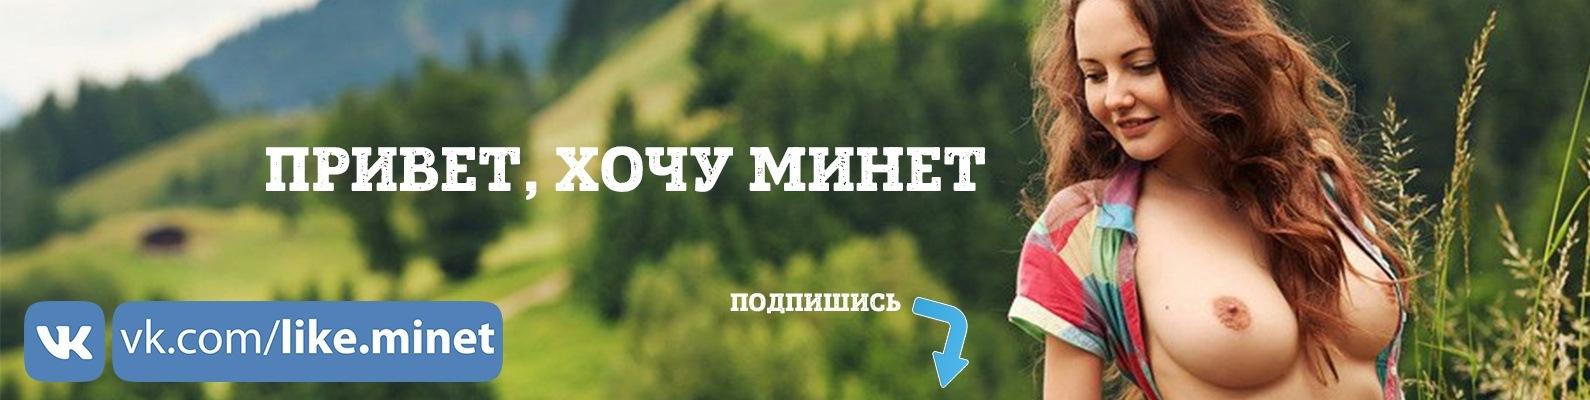 Минет позы вконтакте